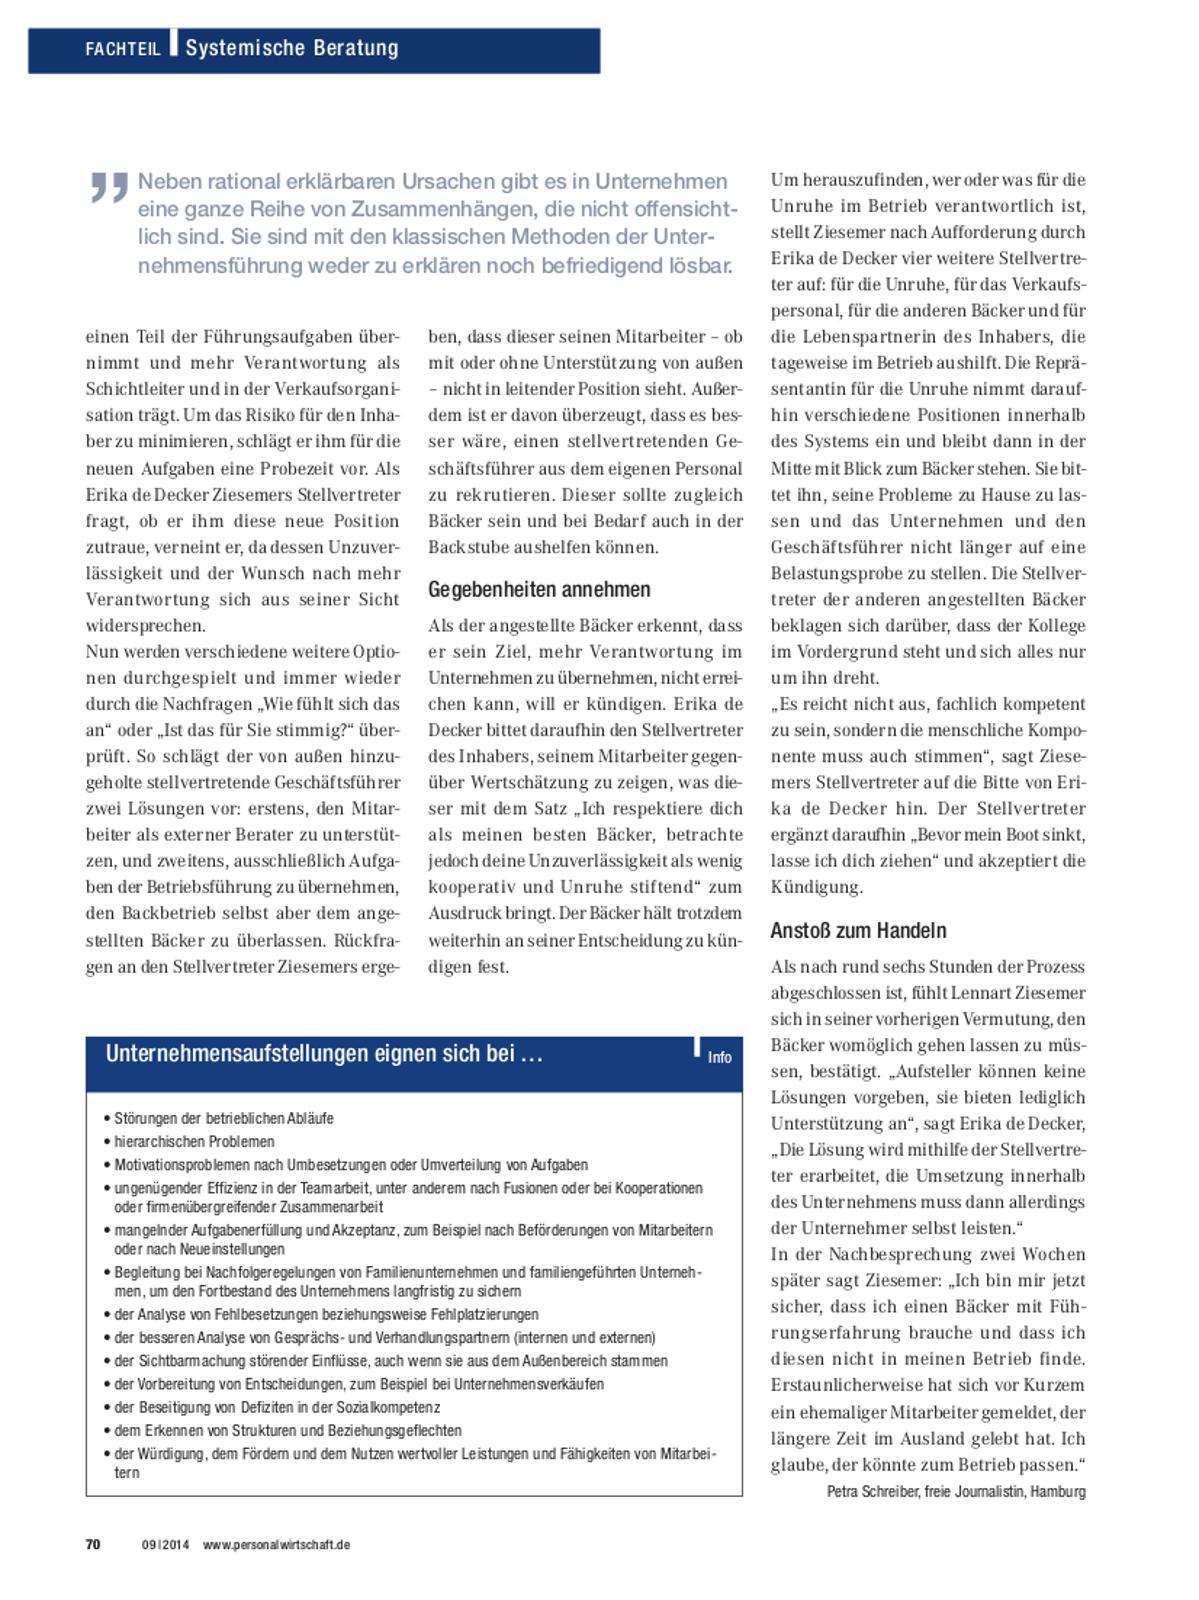 Seite3-Personalwirtschaft pw-0914-68-70-systemische-beratung